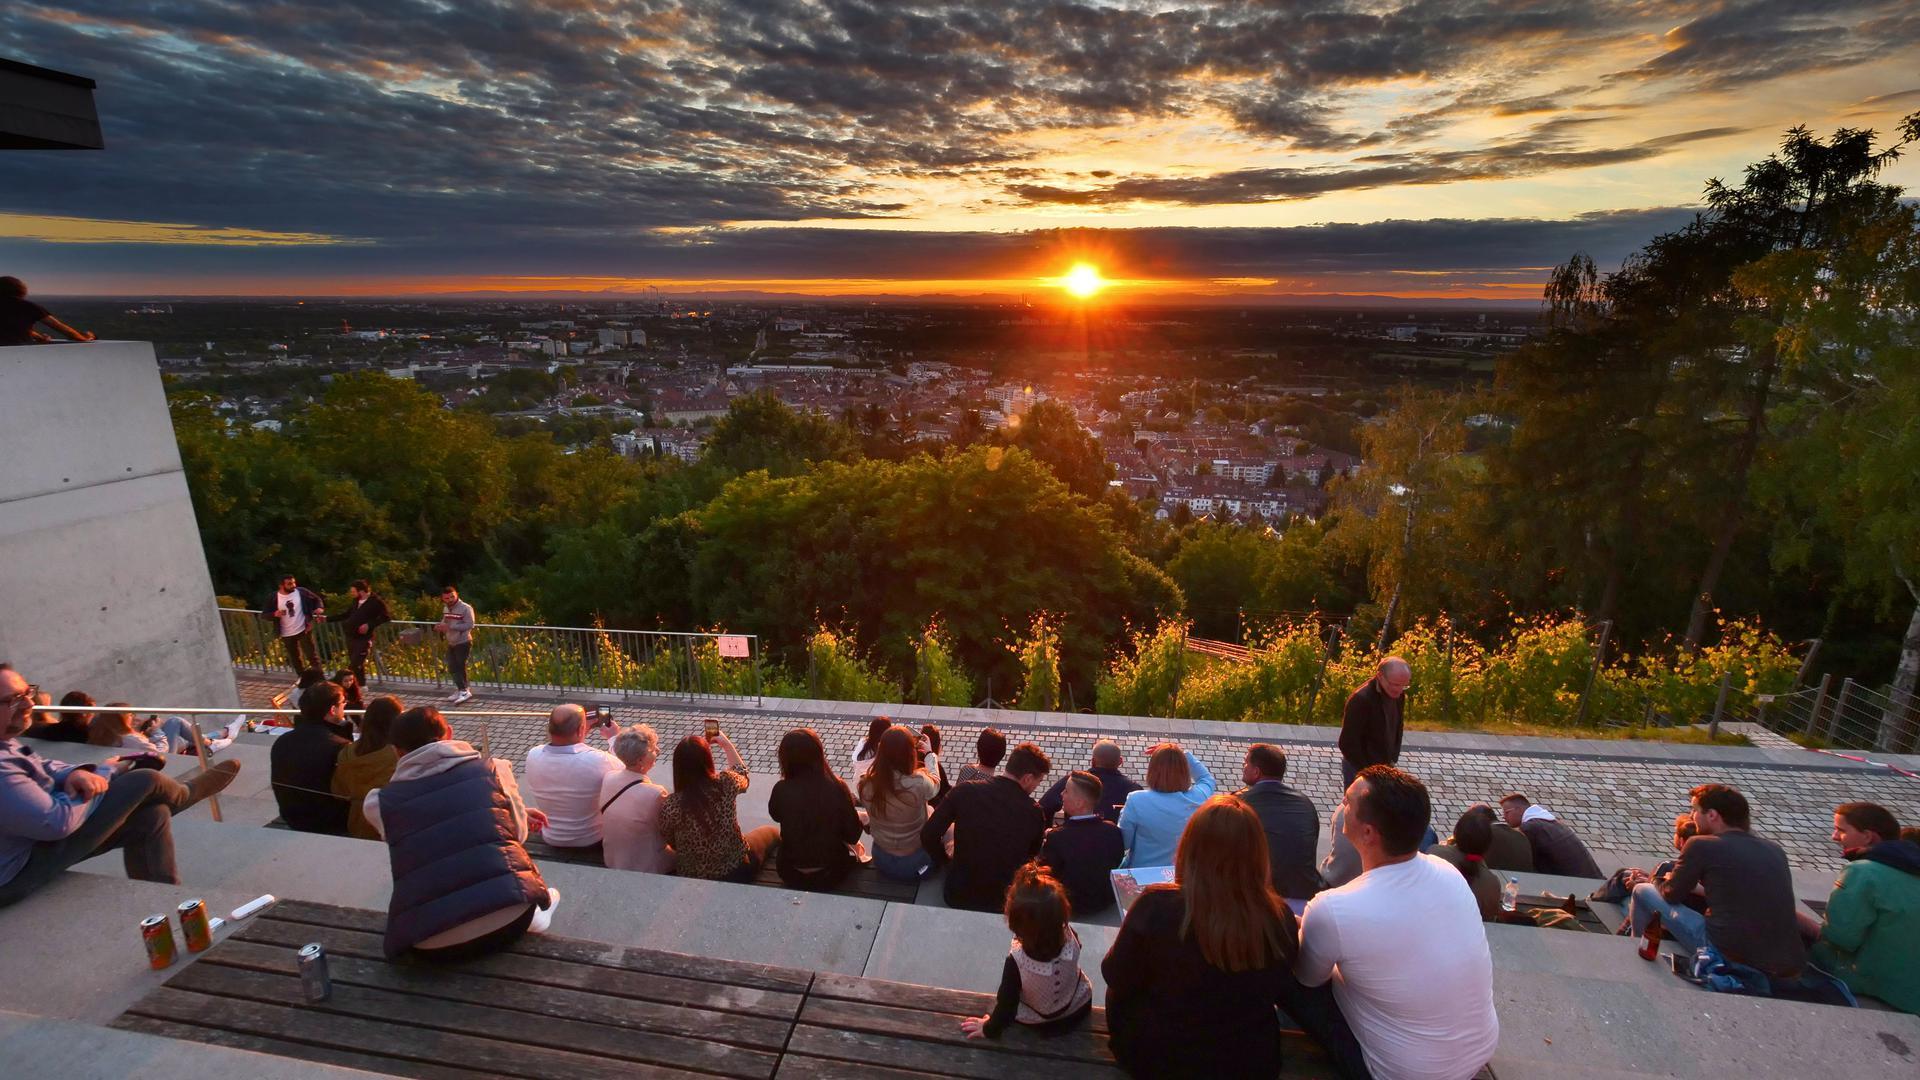 Die Turmbergterrasse ist der beliebteste Aussichtspunkt in Karlsruhe. Bei schönem Wetter treffen sich dort viele Menschen.